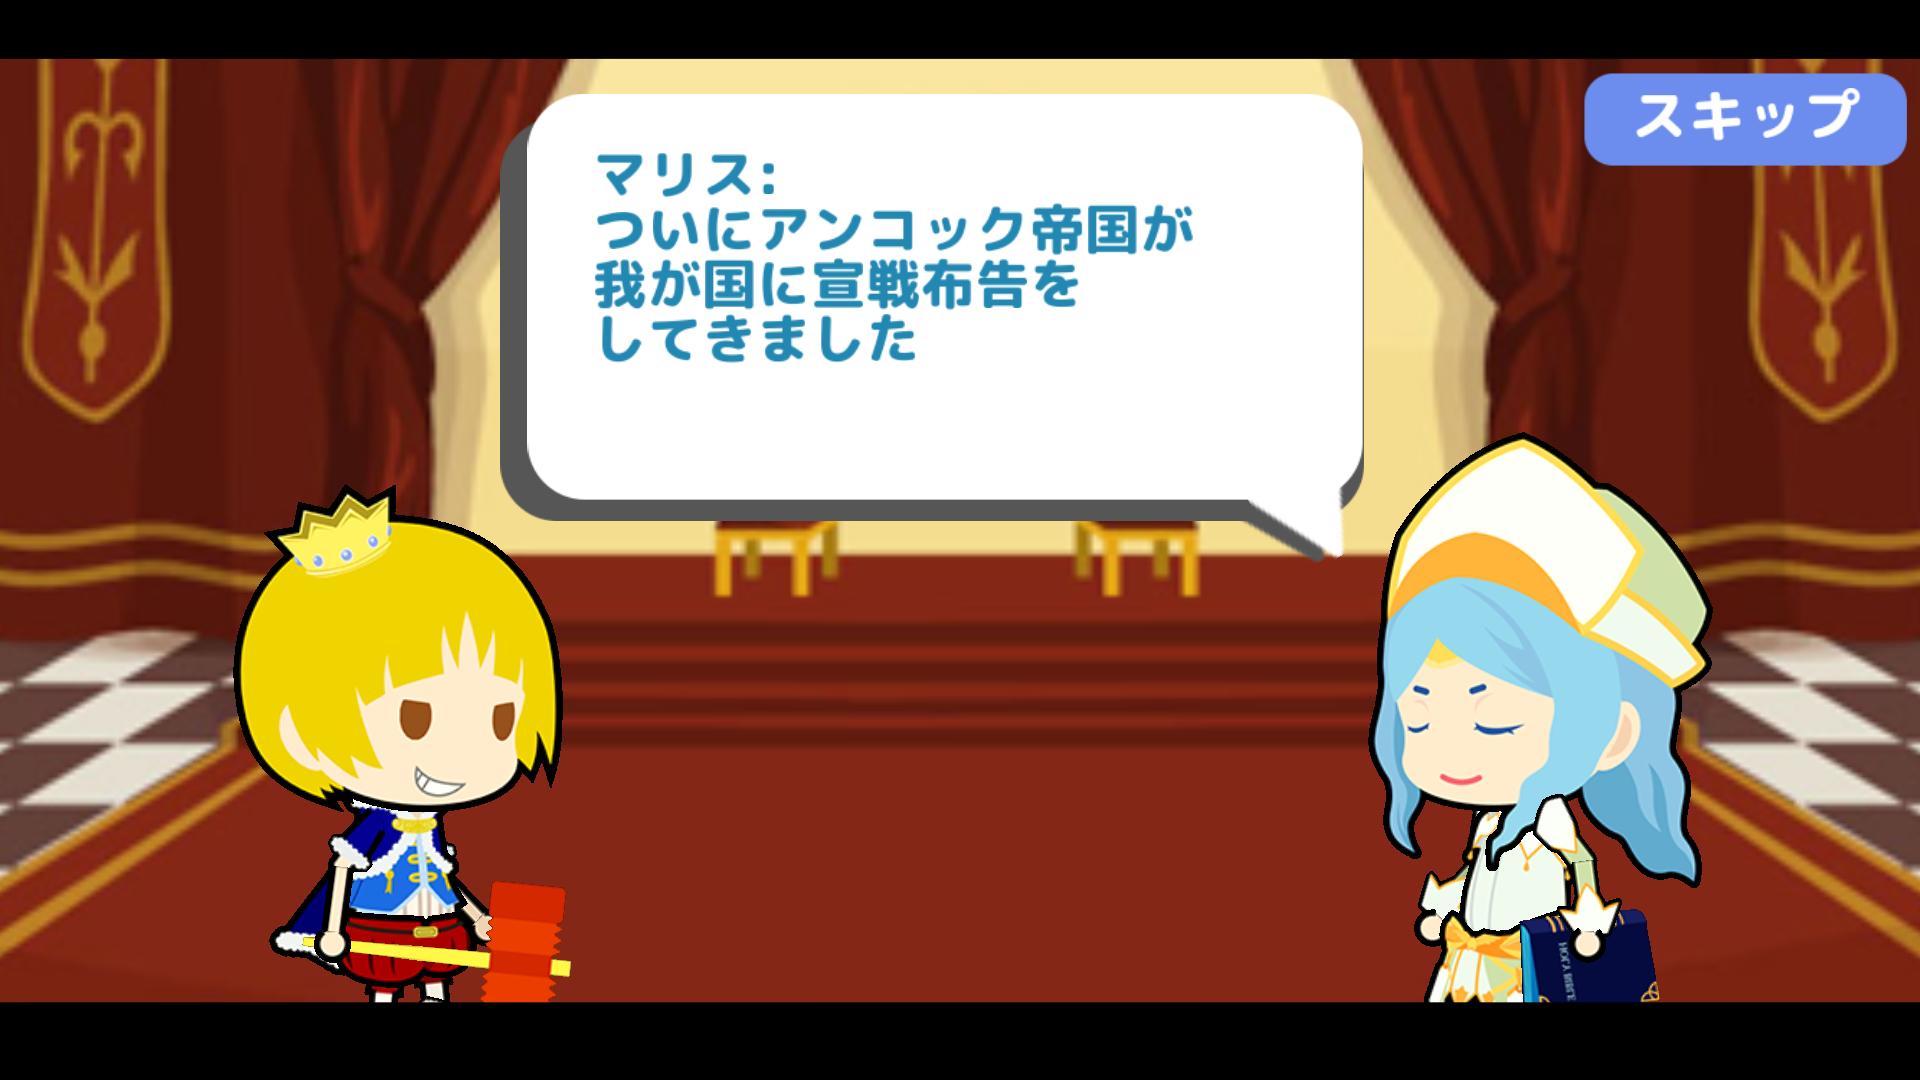 androidアプリ 乱闘!ゴチャキャラうぉーず攻略スクリーンショット1